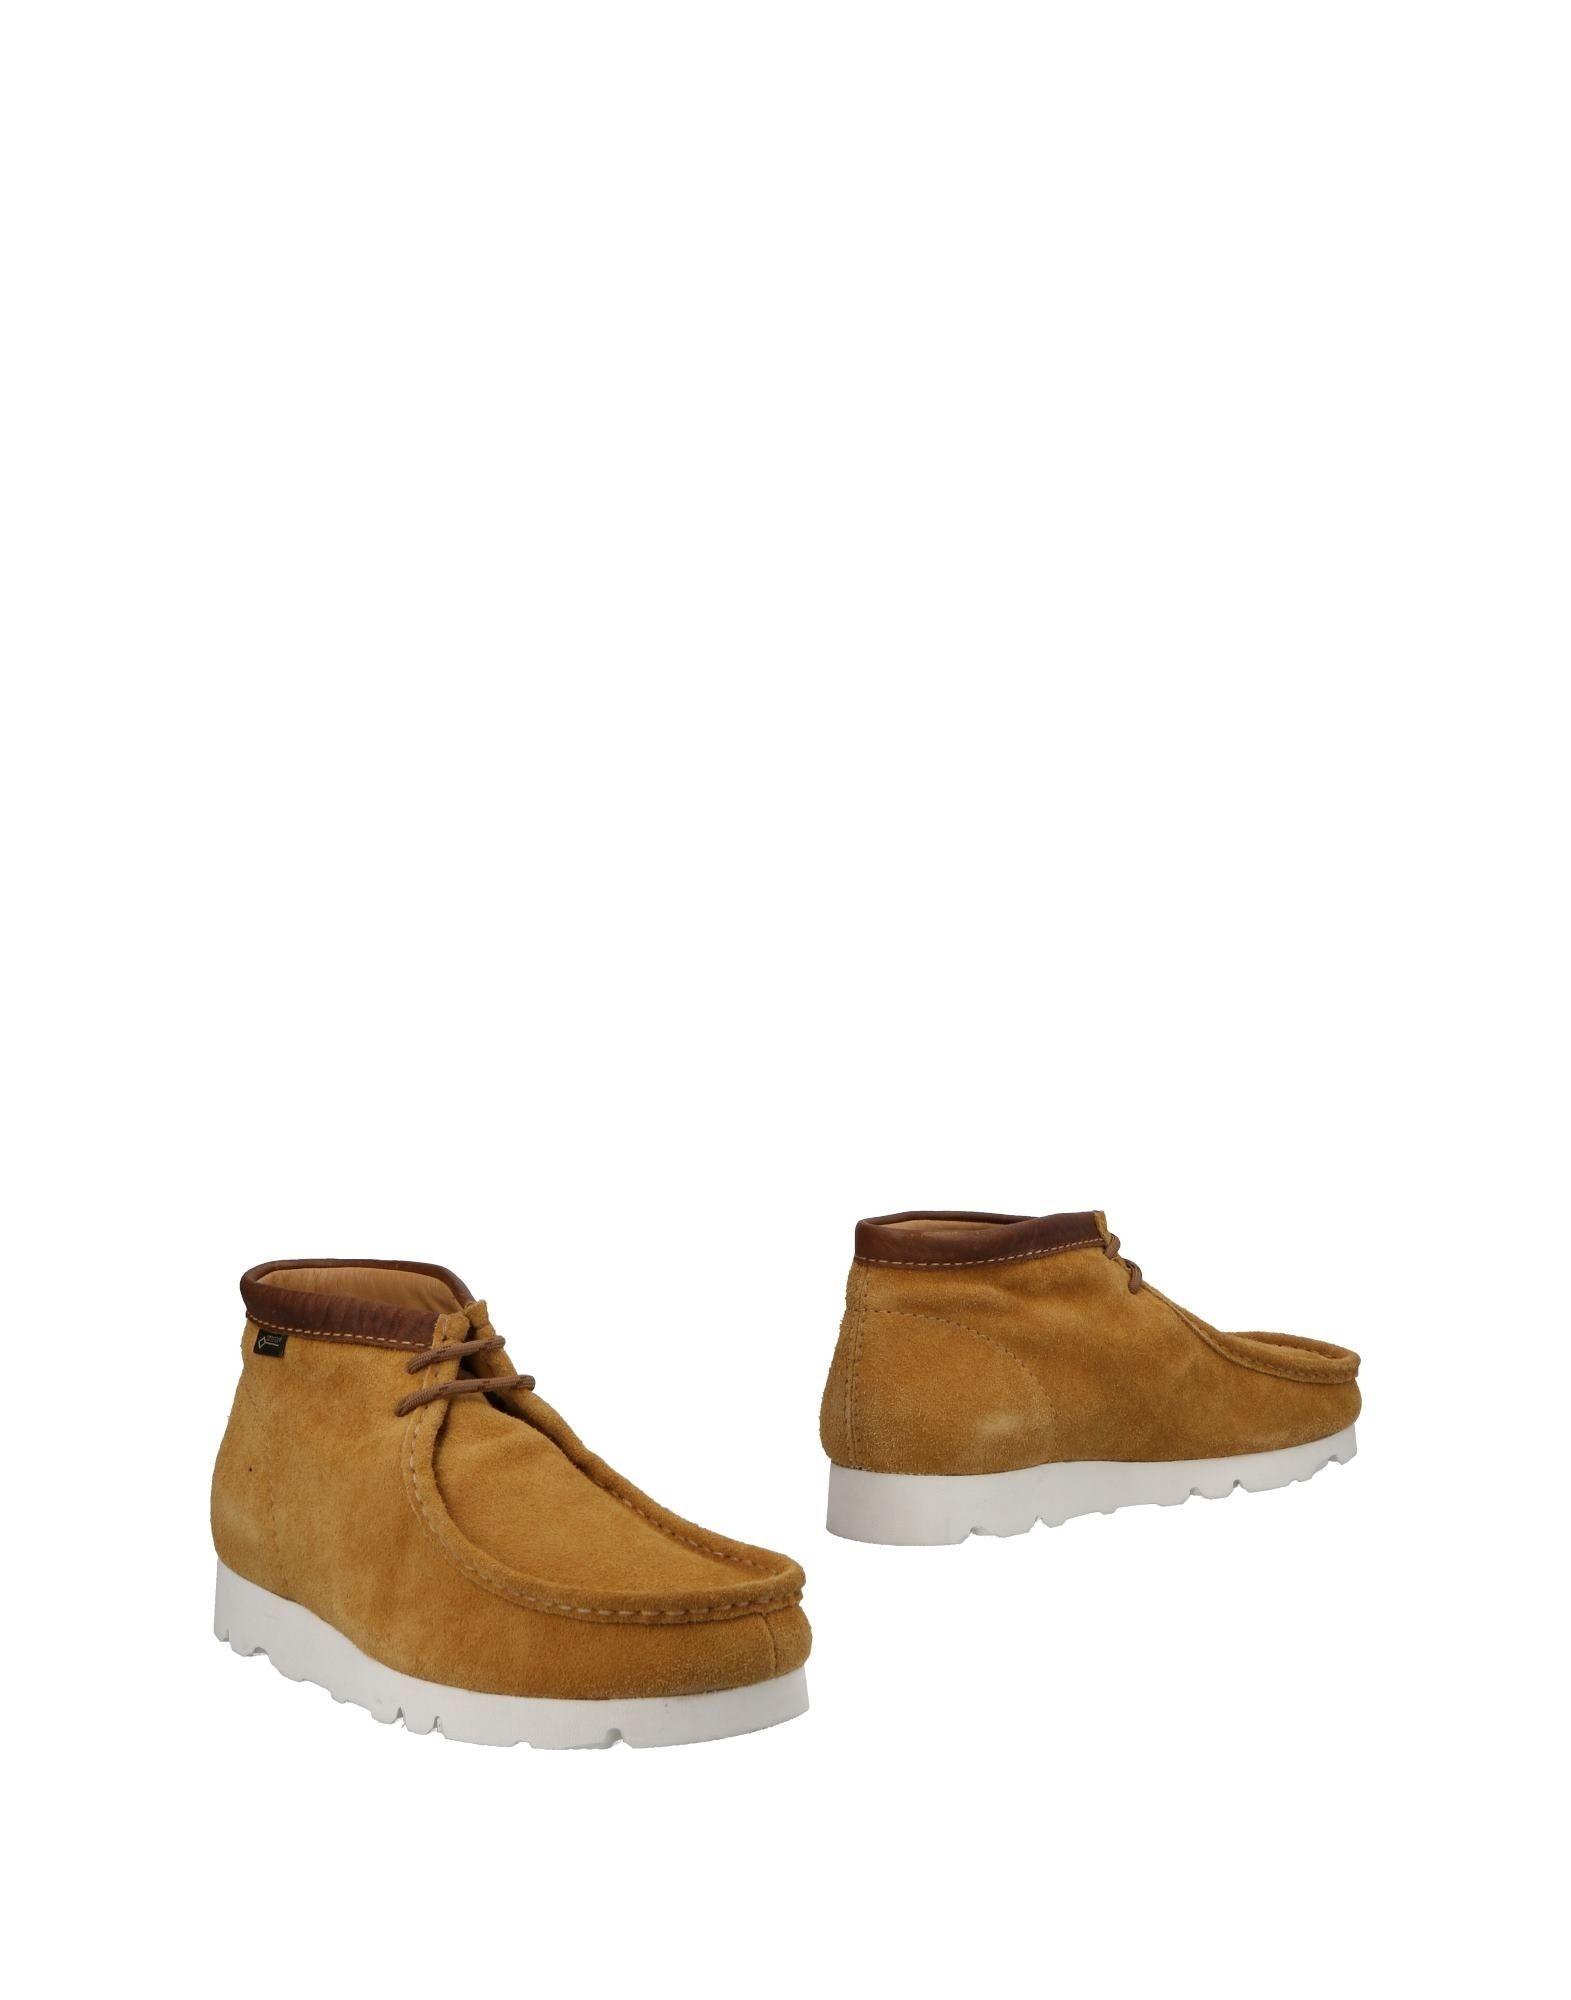 Clarks Originals Stiefelette Herren  11496339NK Gute Qualität beliebte Schuhe